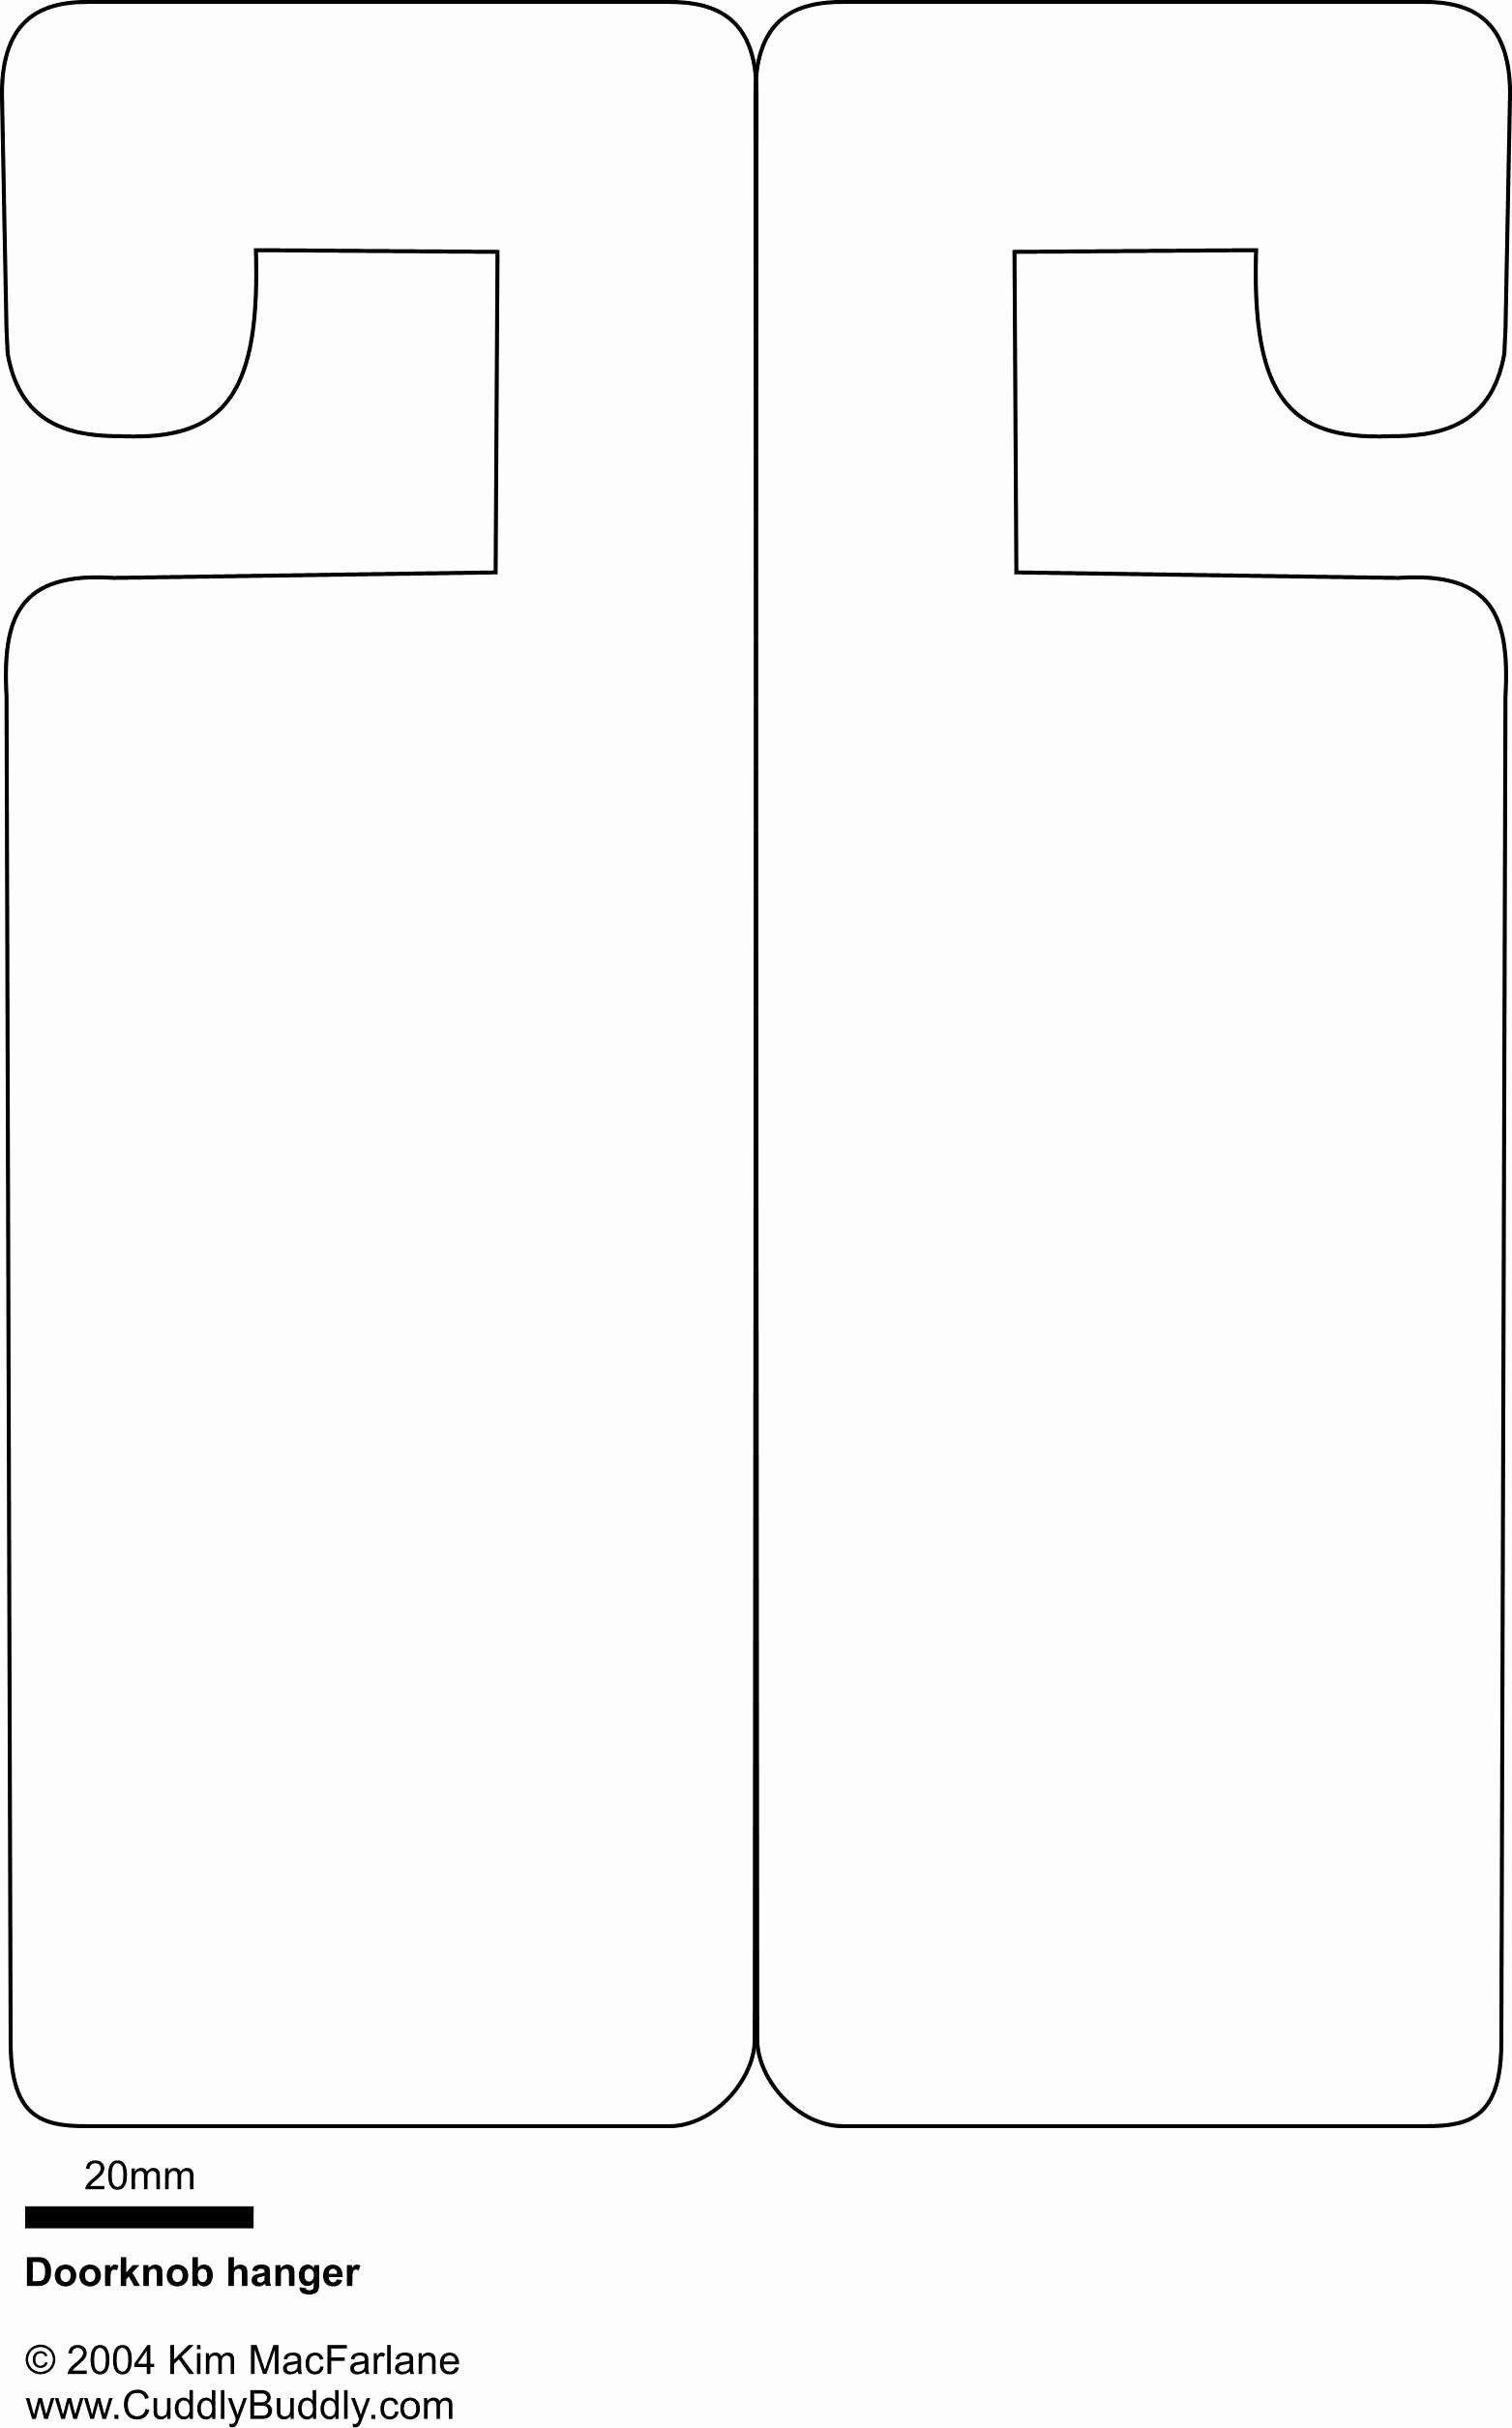 Door Knob Hanger Template Unique Visiting Teaching Surprise Note at Door or Door Hanger